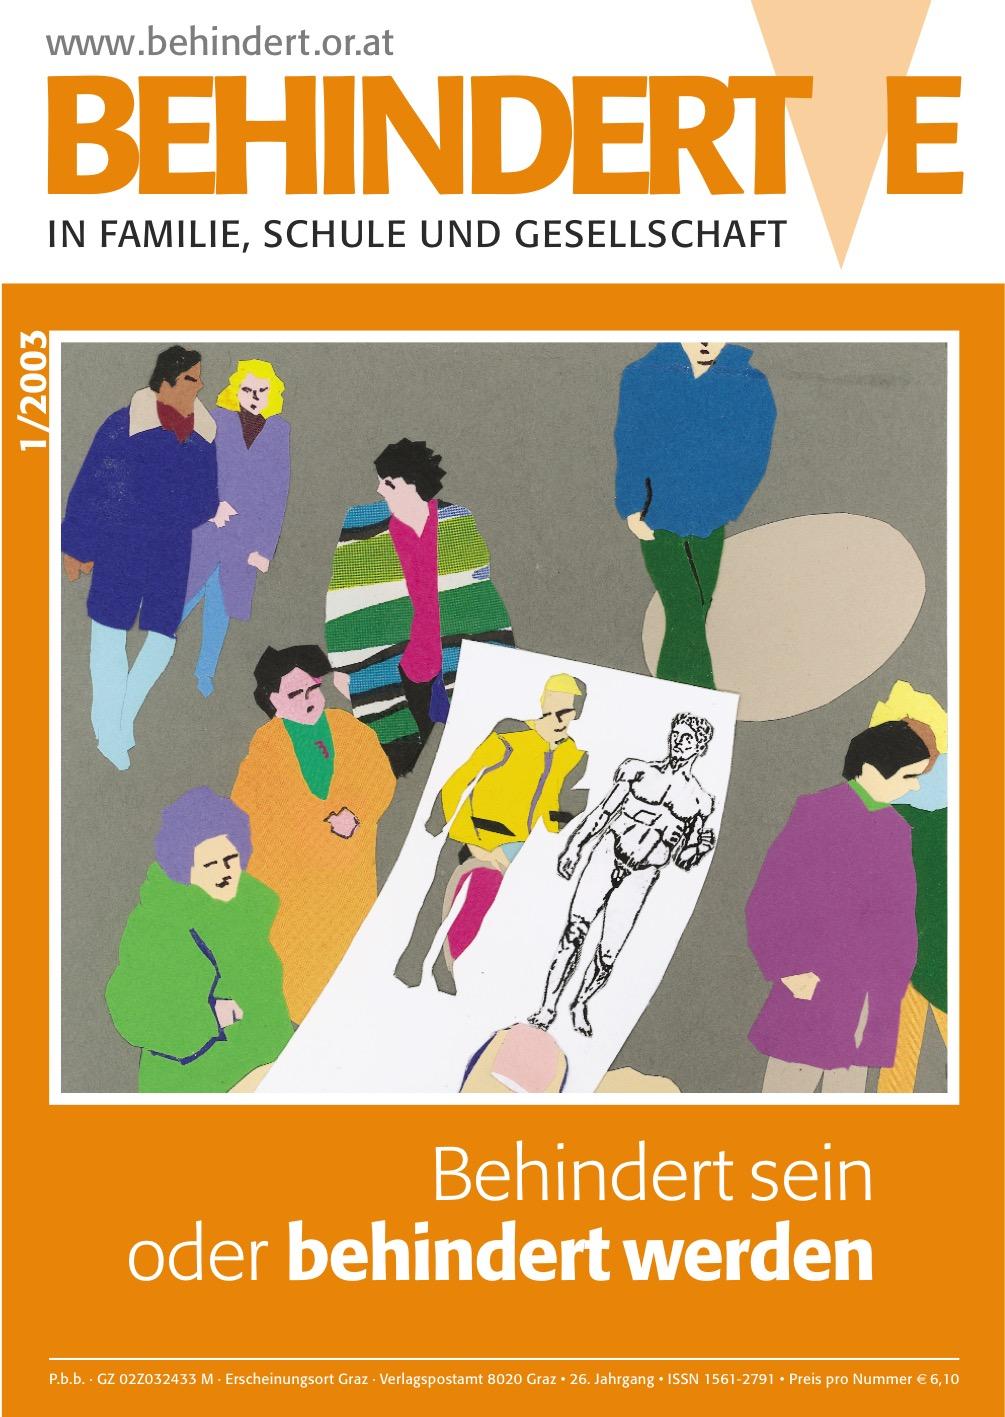 """Titelbild der Zeitschrift BEHINDERTE MENSCHEN, Ausgabe 1/2003 """"Behindert-sein oder behindert werden"""""""